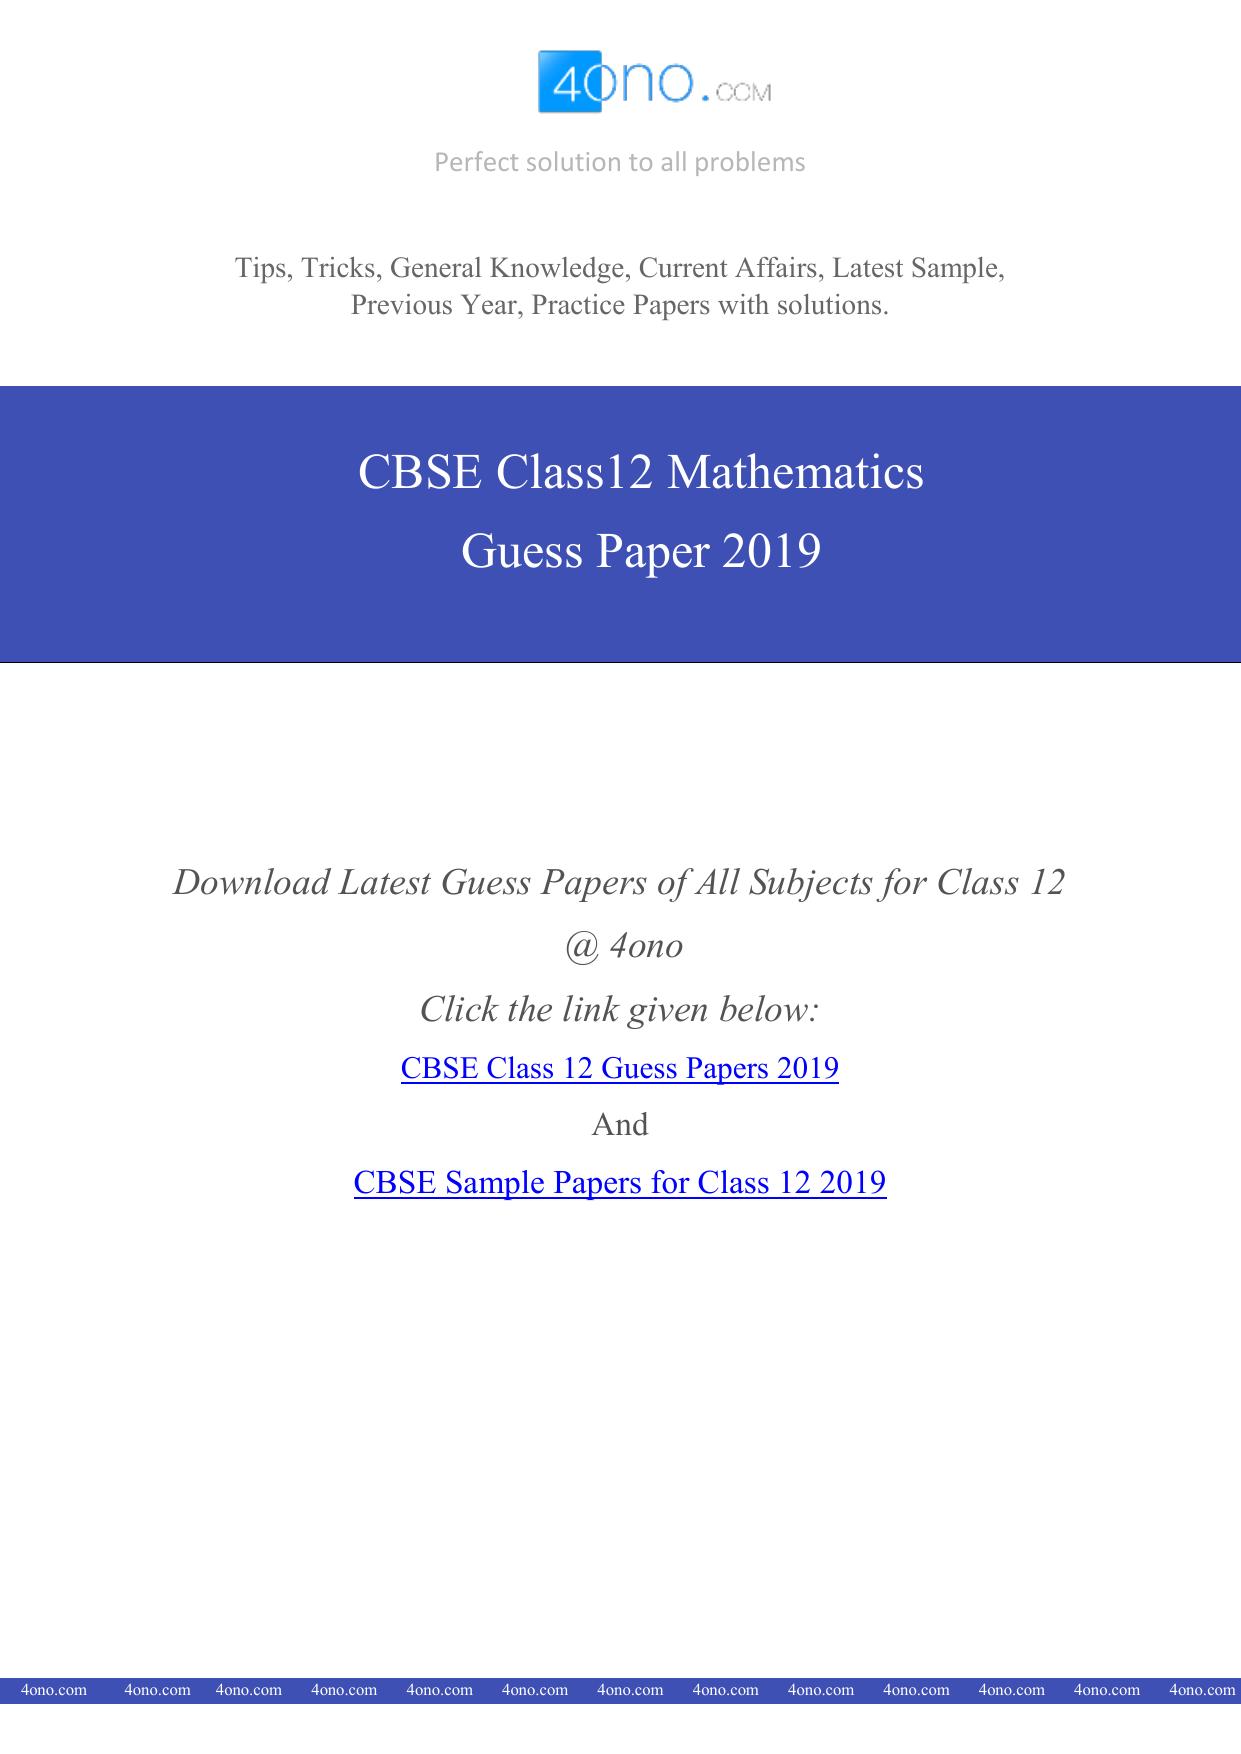 CBSE Class 12 Maths Guess Paper 2019 PDF Download